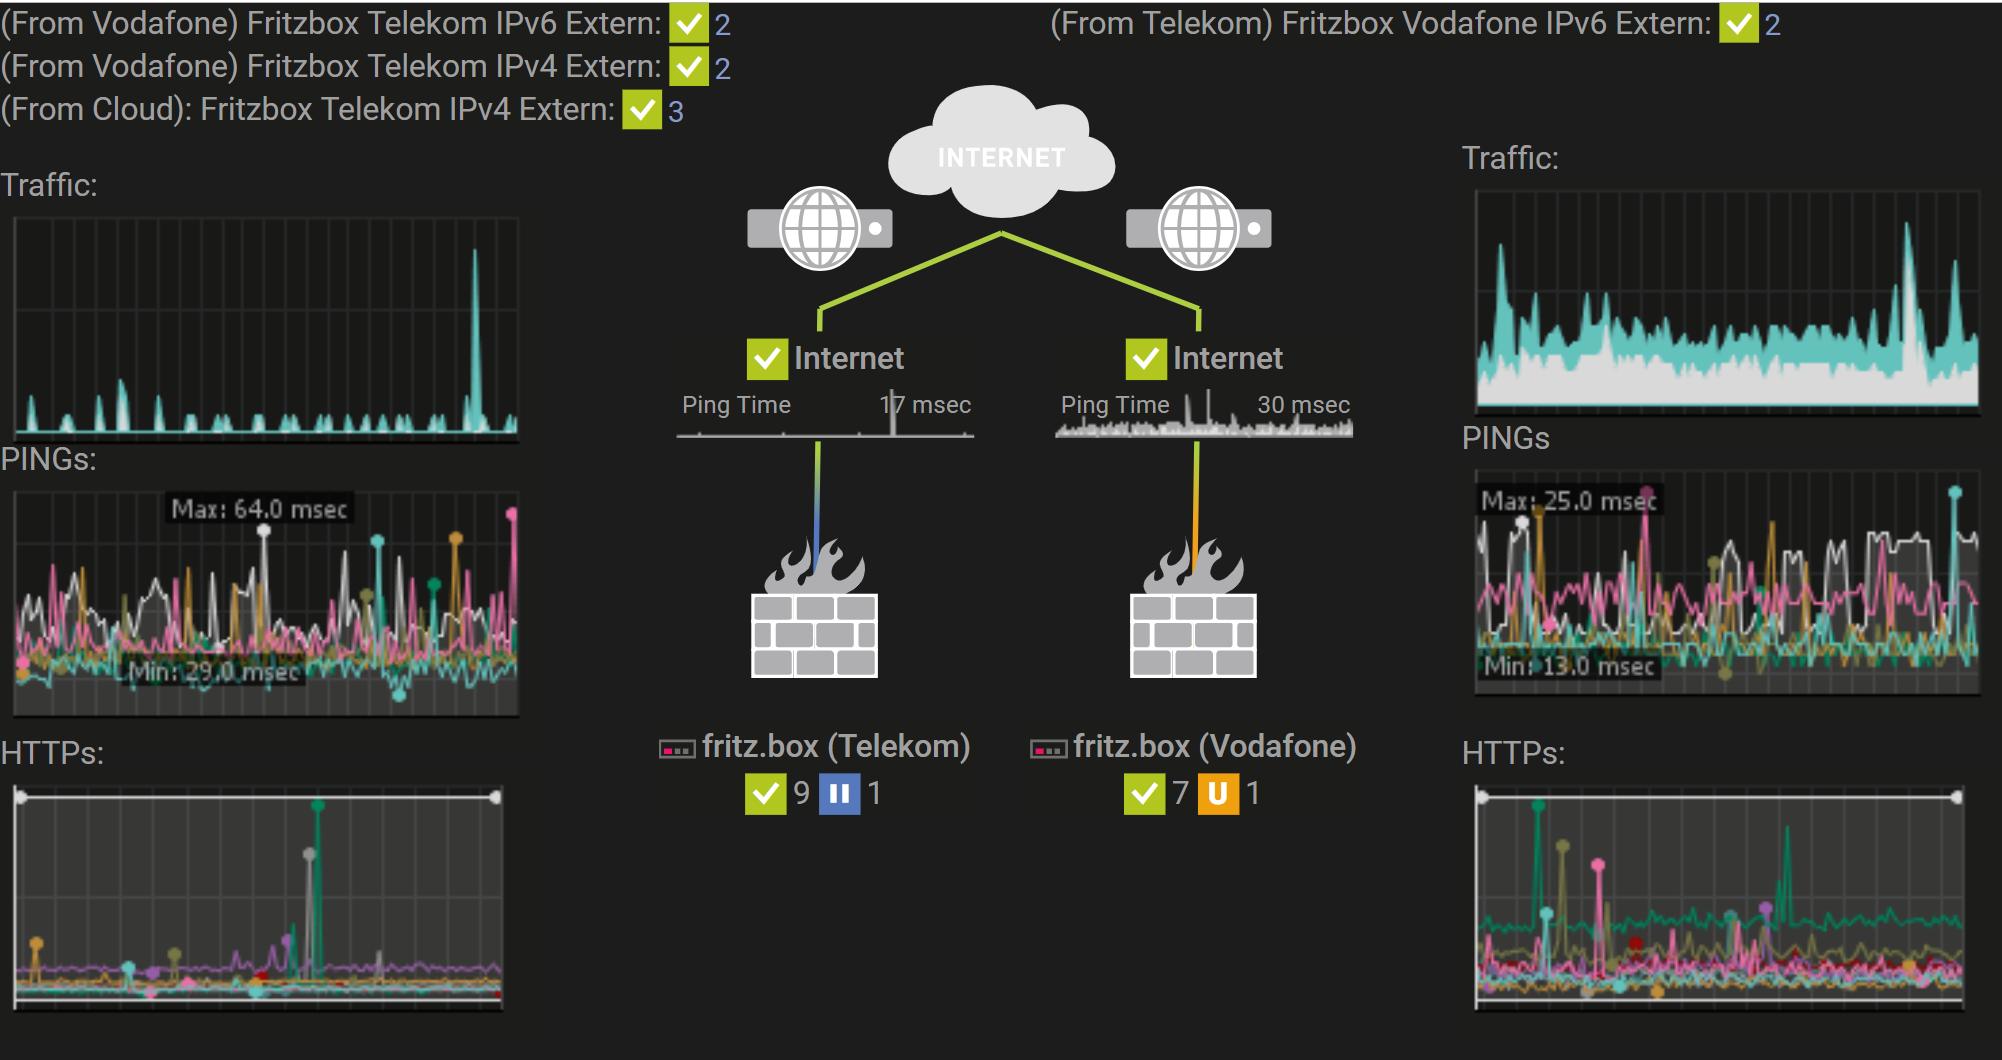 HOWTO Internet Zugang mit AVM Fritzbox von innen und von außen ...